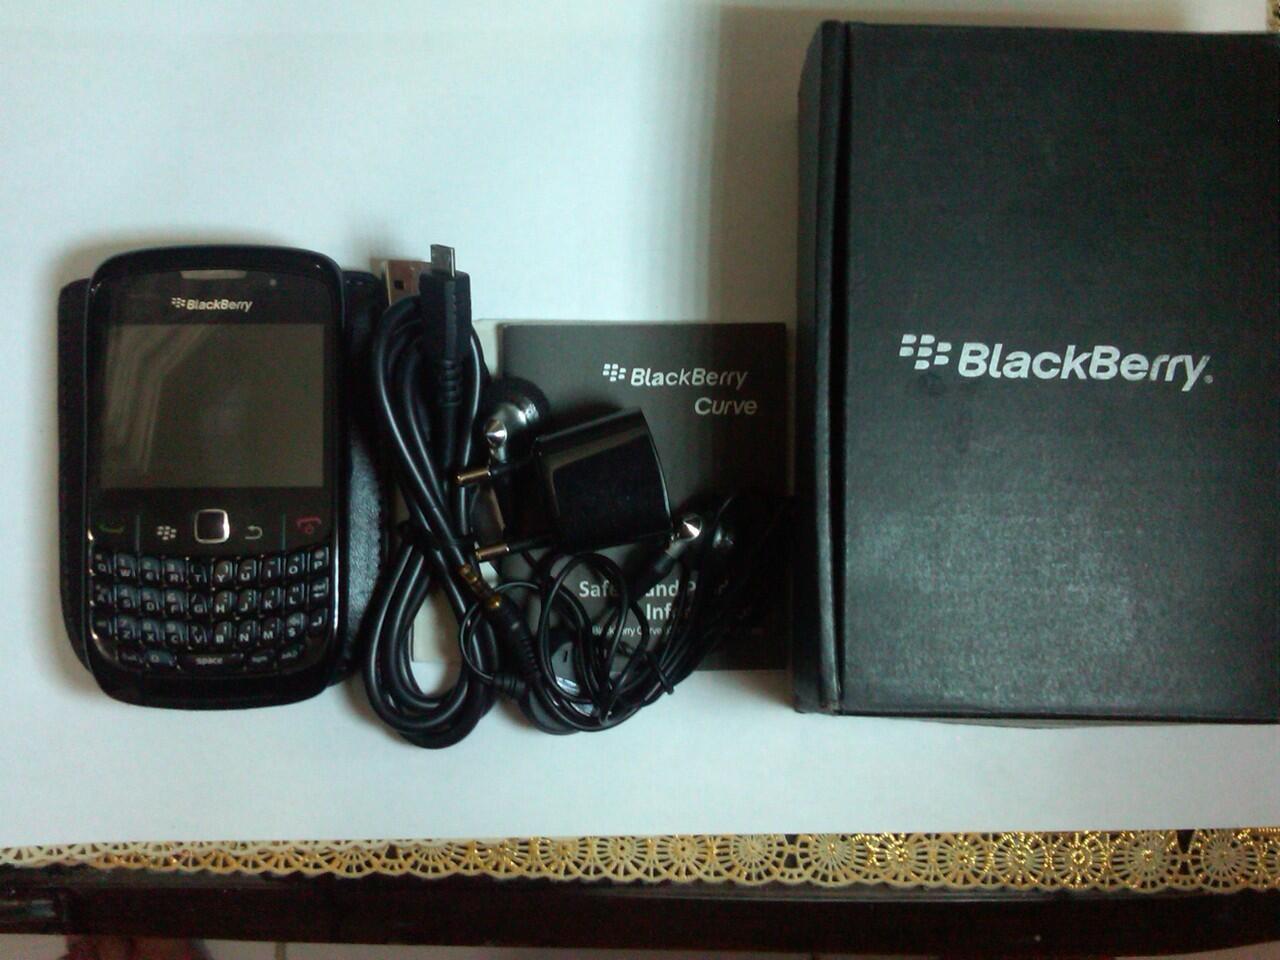 BLACKBERRY GEMINI CDMA 8530 (ARIES) lengkap like a new